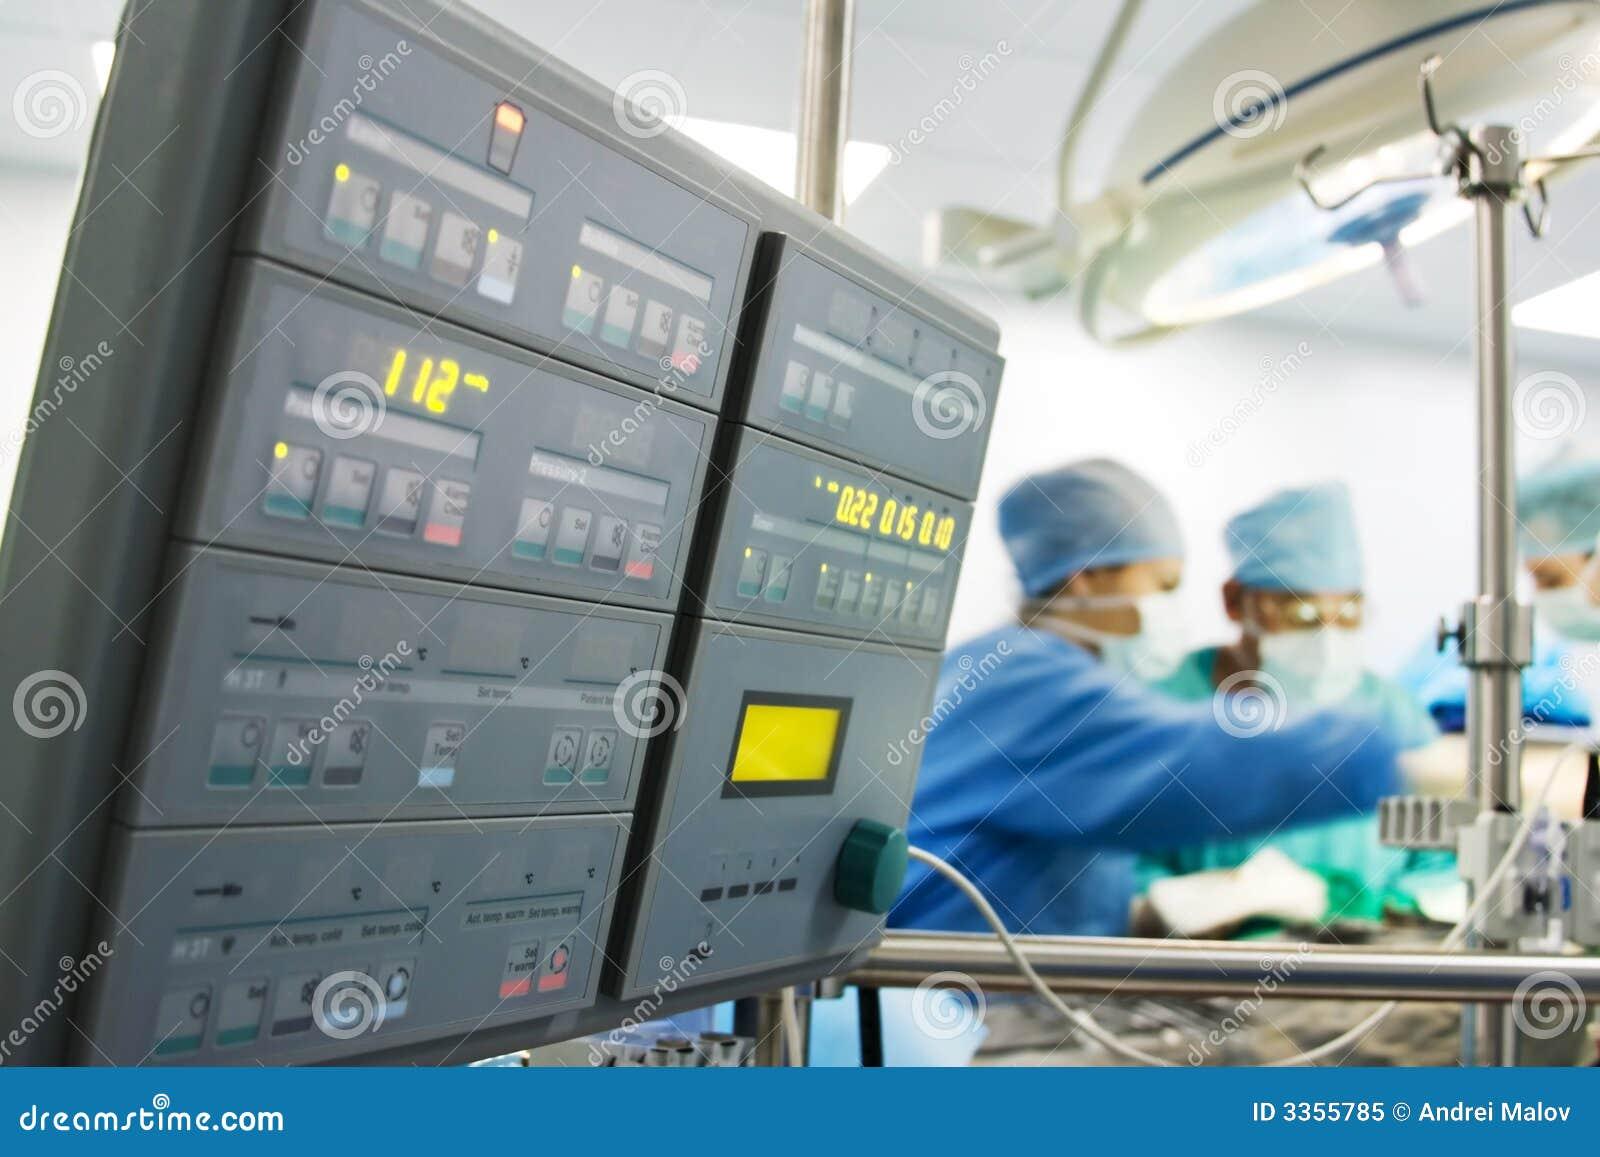 Medical monitor at surgery